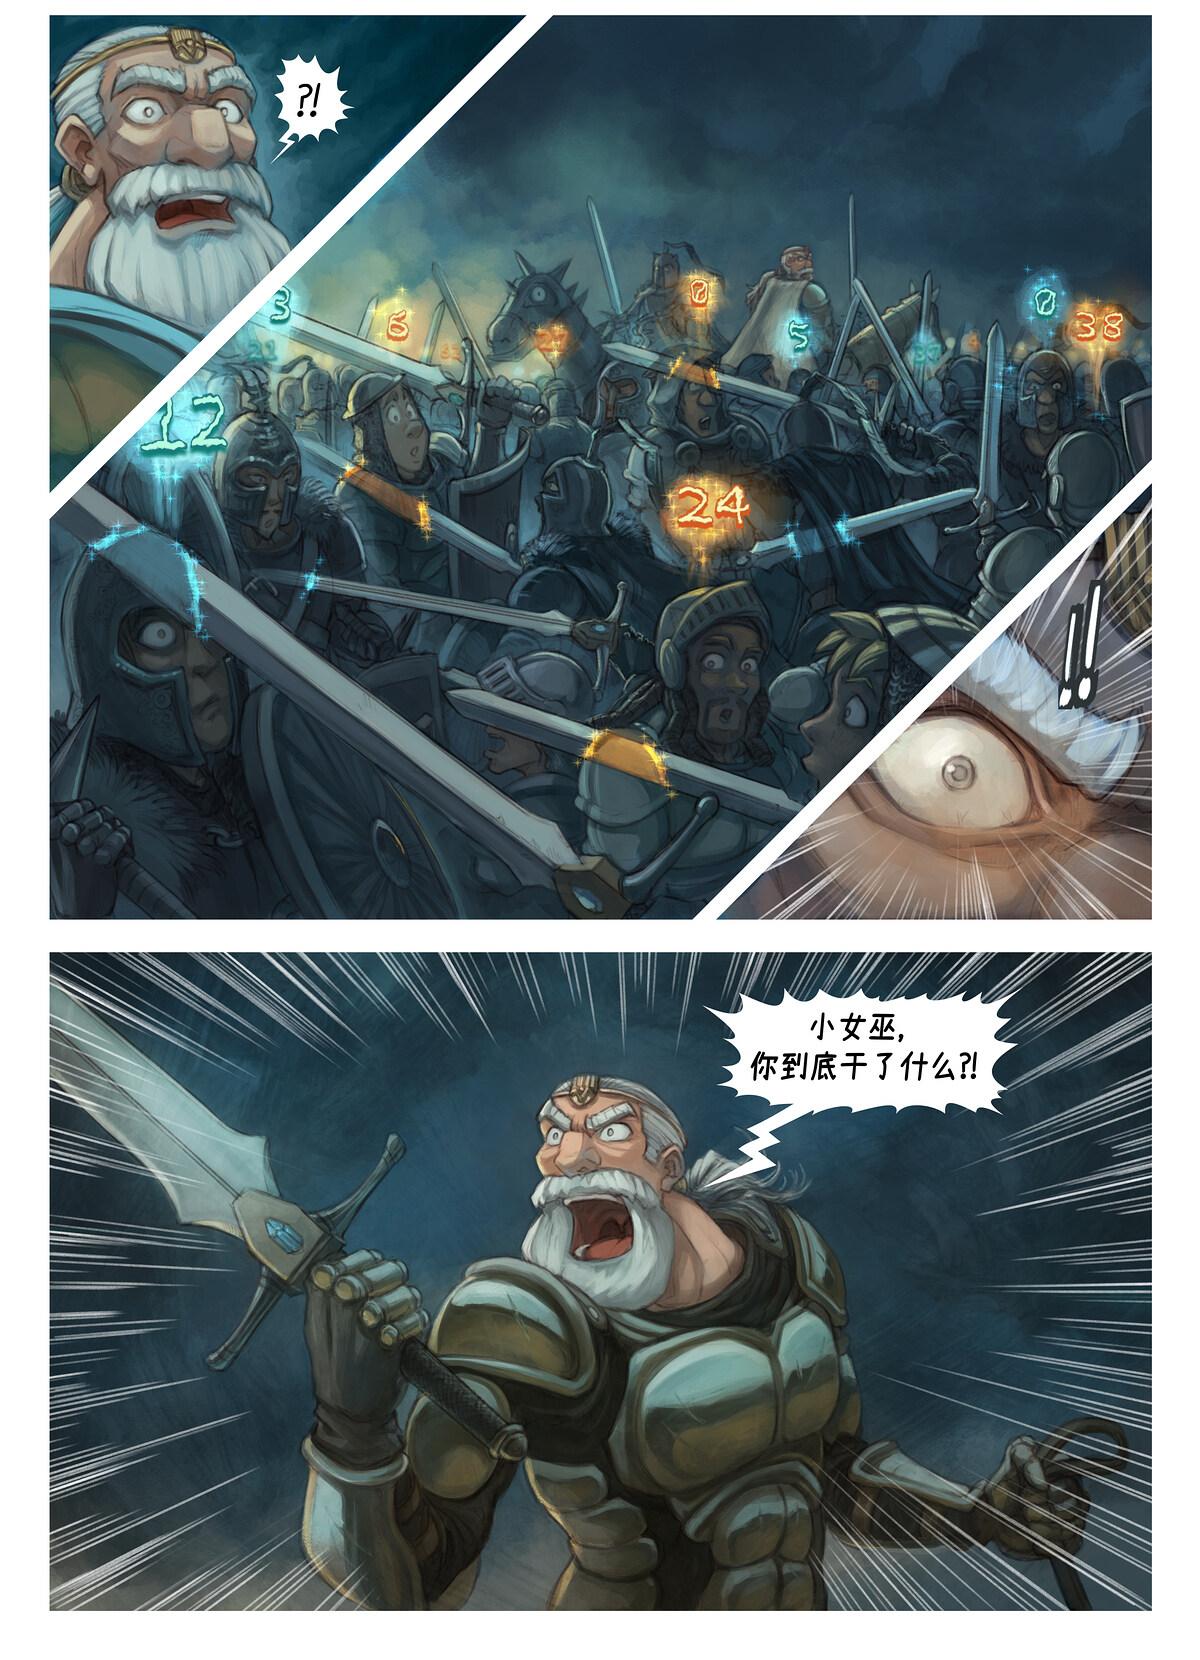 第33集:战争大魔咒, Page 6